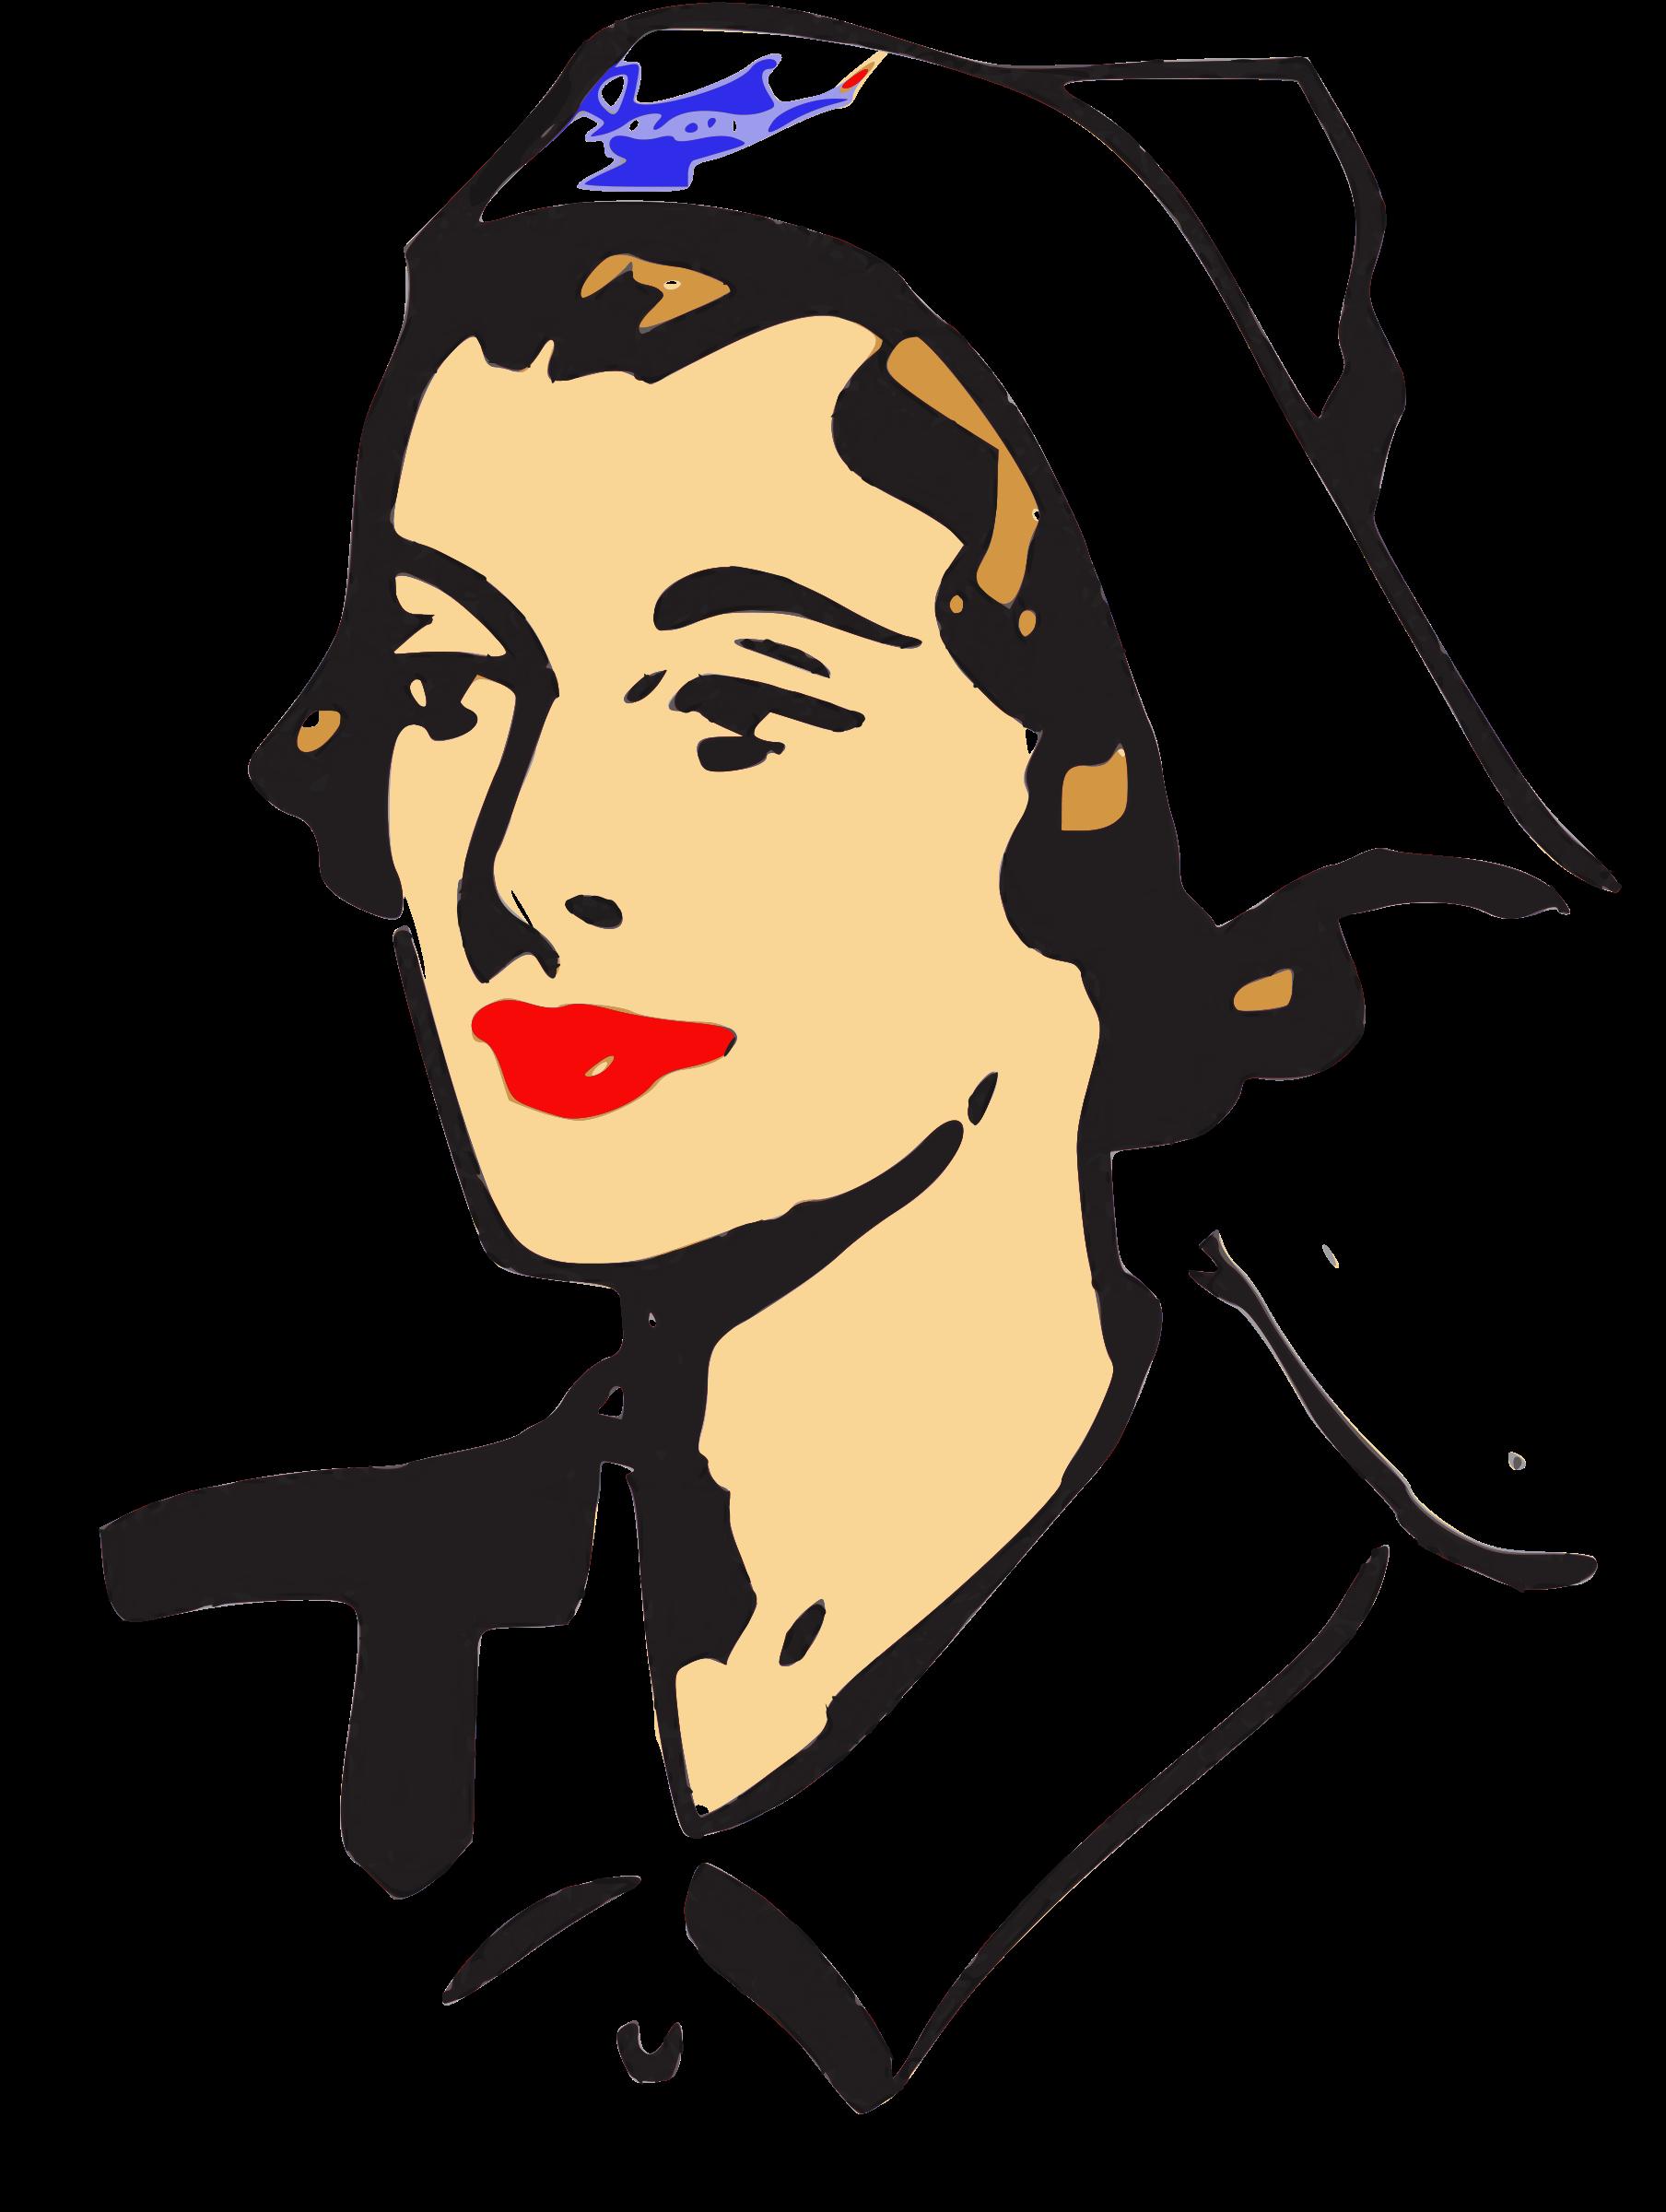 Nurse cap png pinterest. Nursing clipart illustration